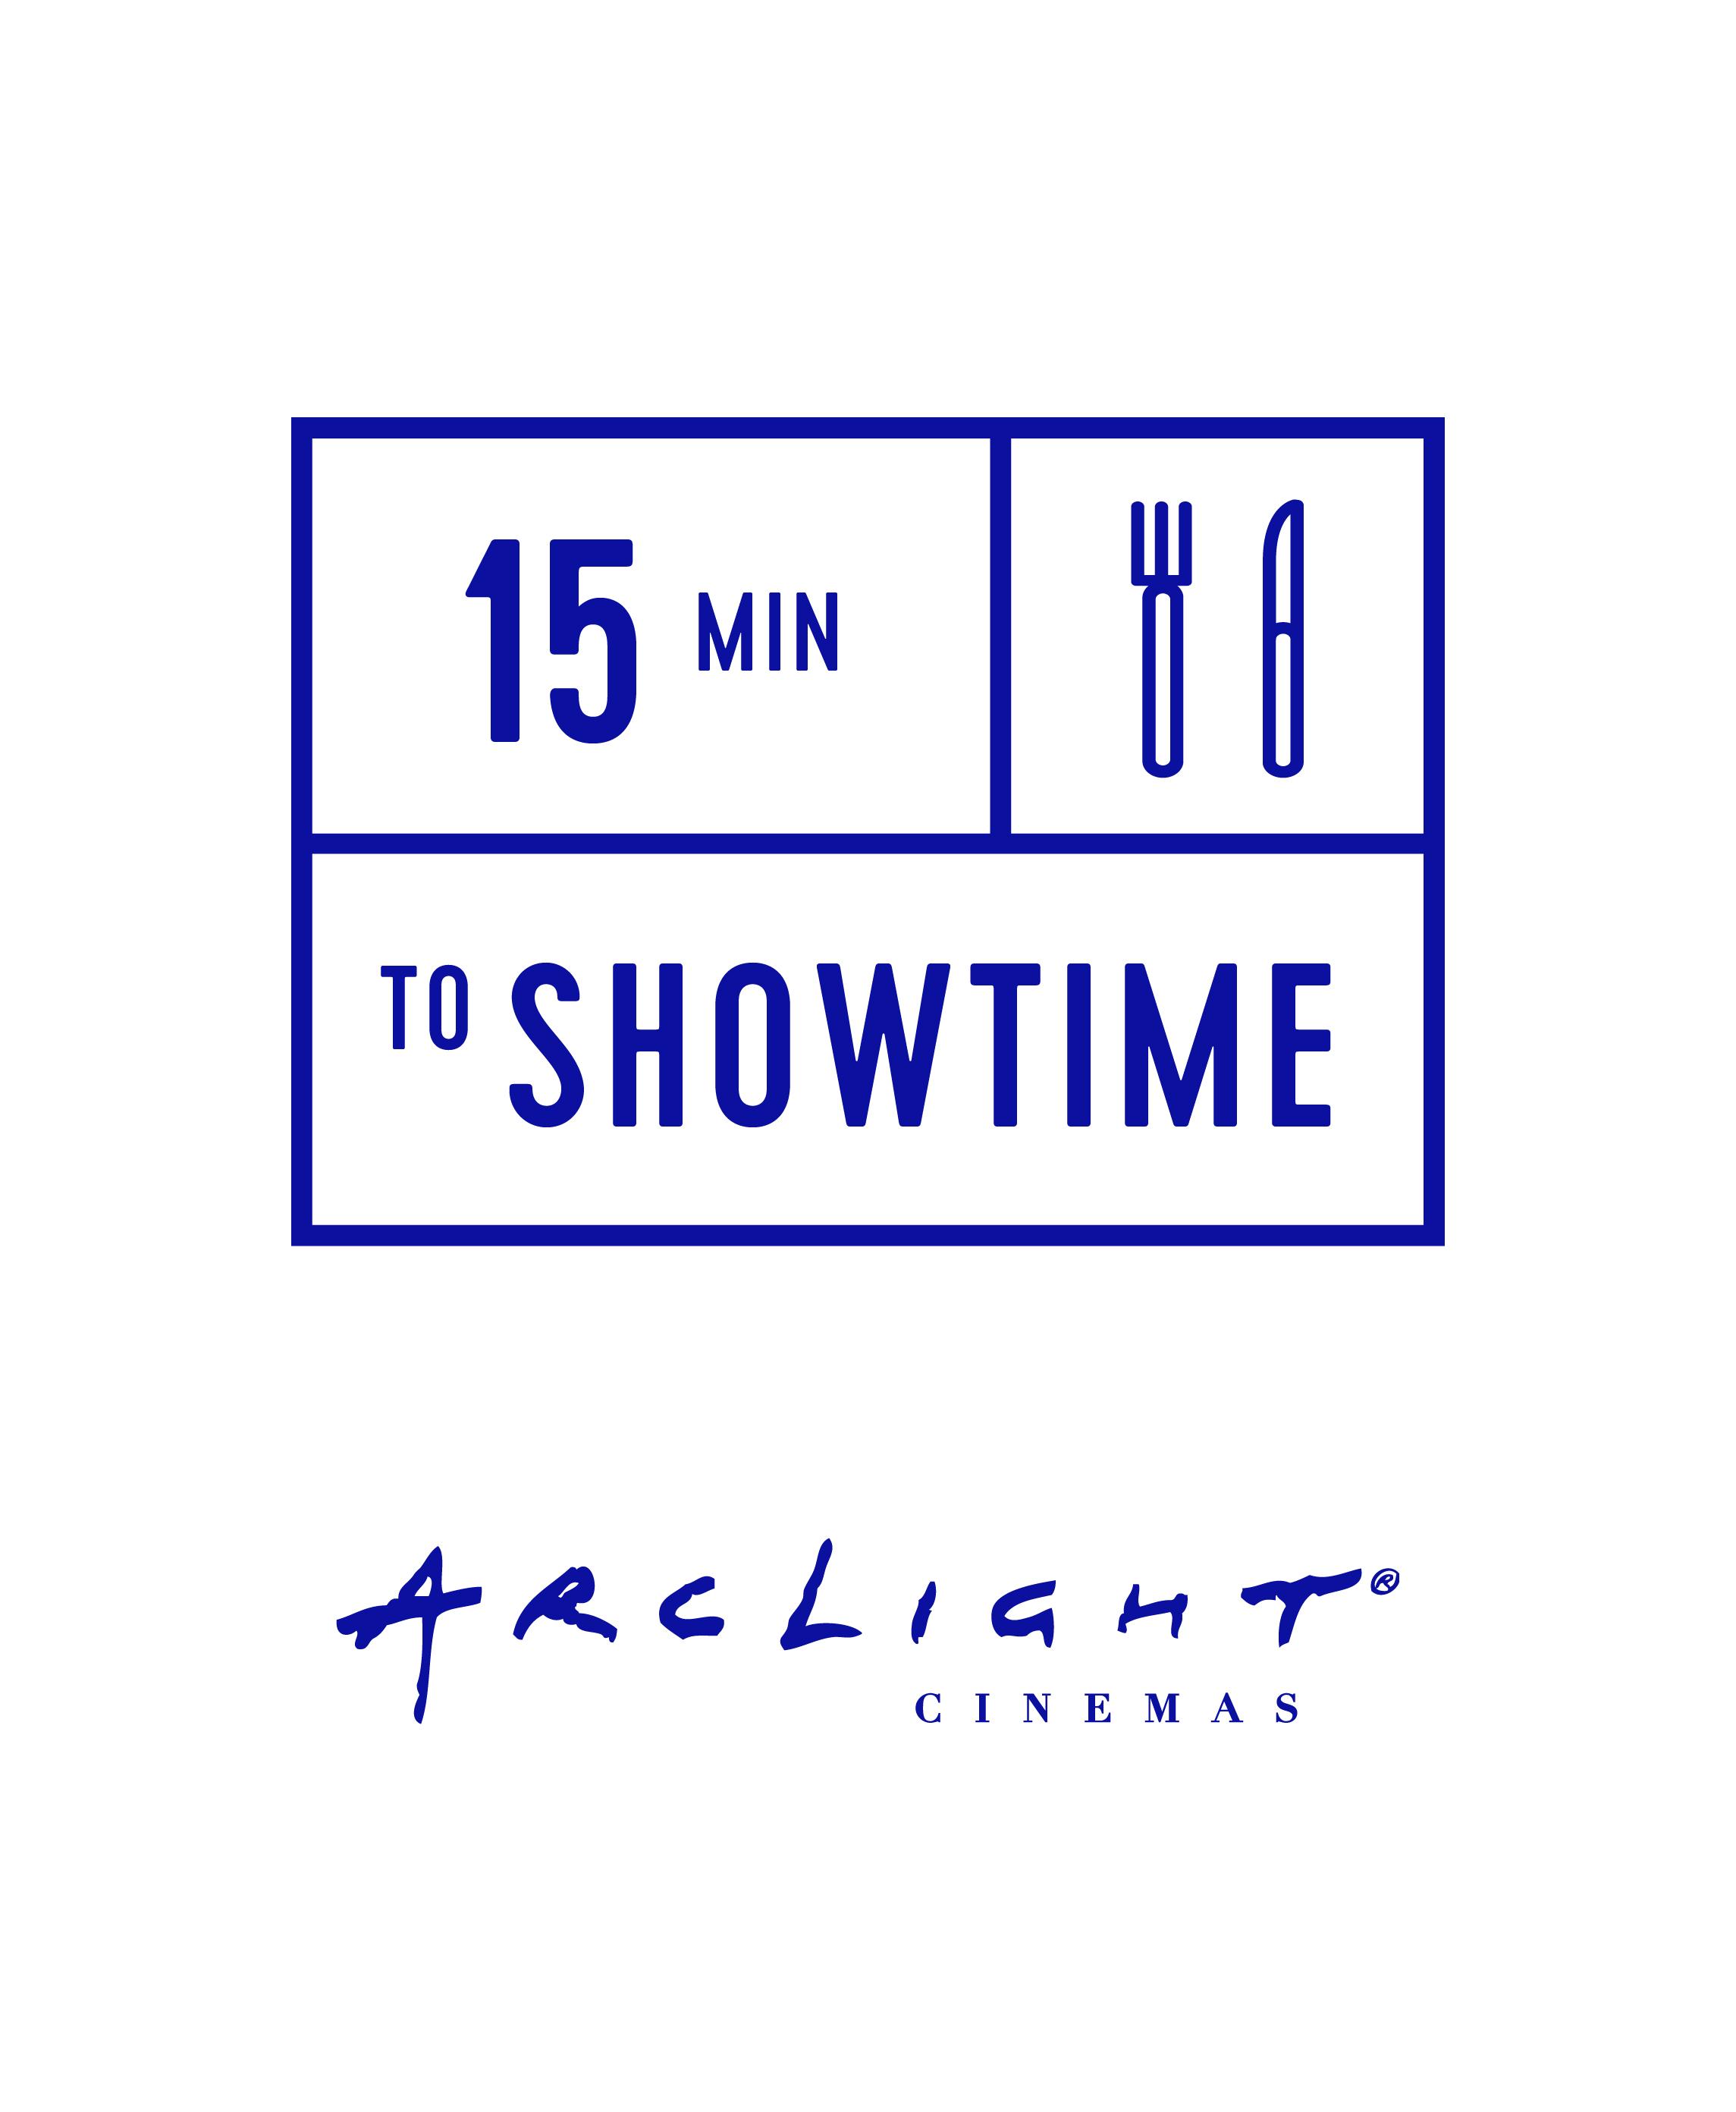 Arc Light Cinemas